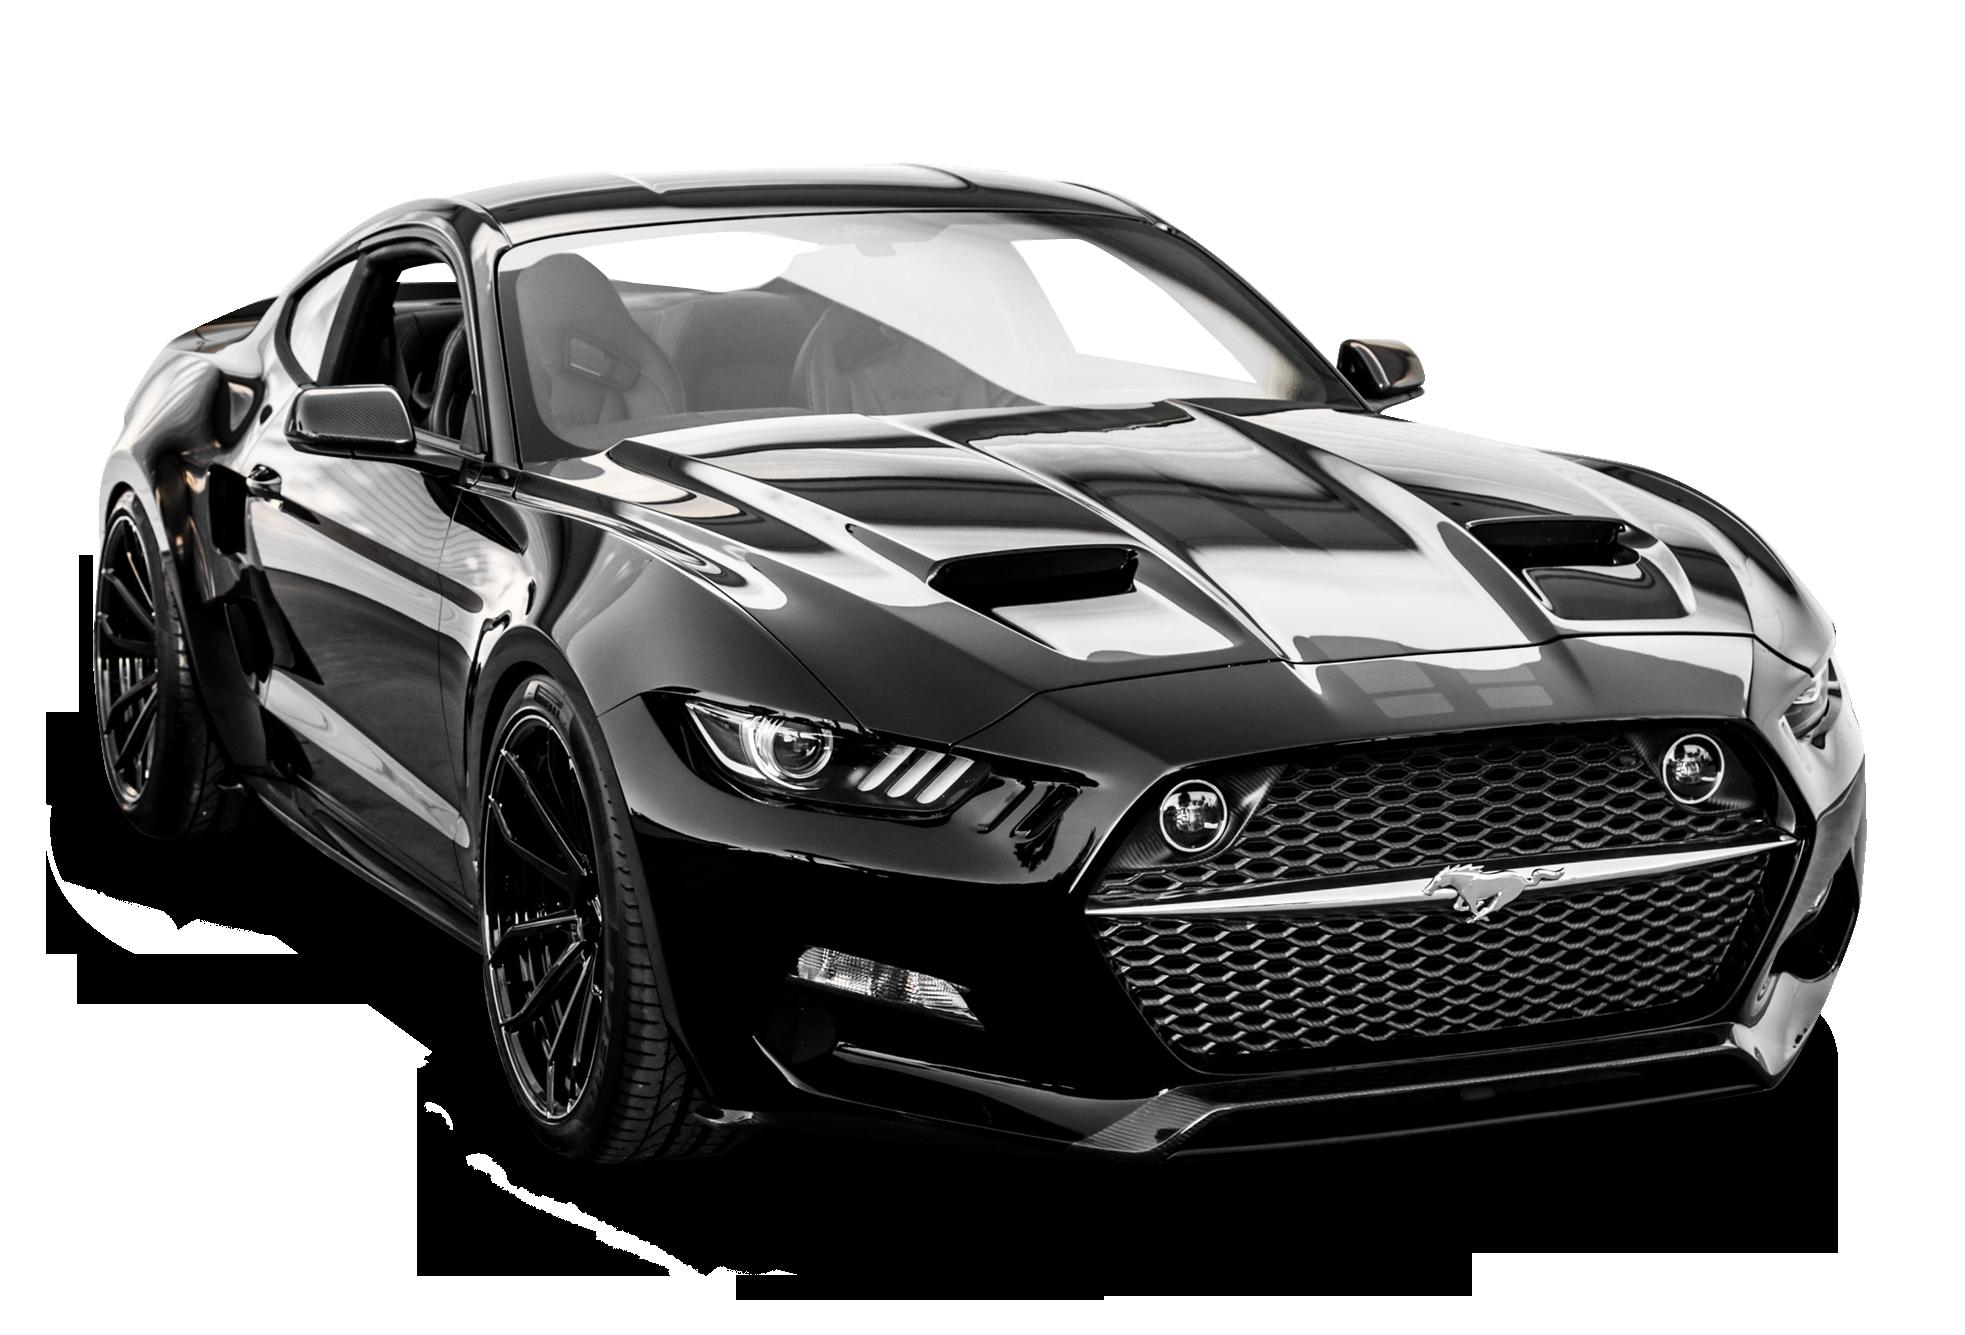 Mustang car clipart free jpg free download Ford Mustang Galpin Rocket Car PNG Image - PurePNG   Free ... jpg free download